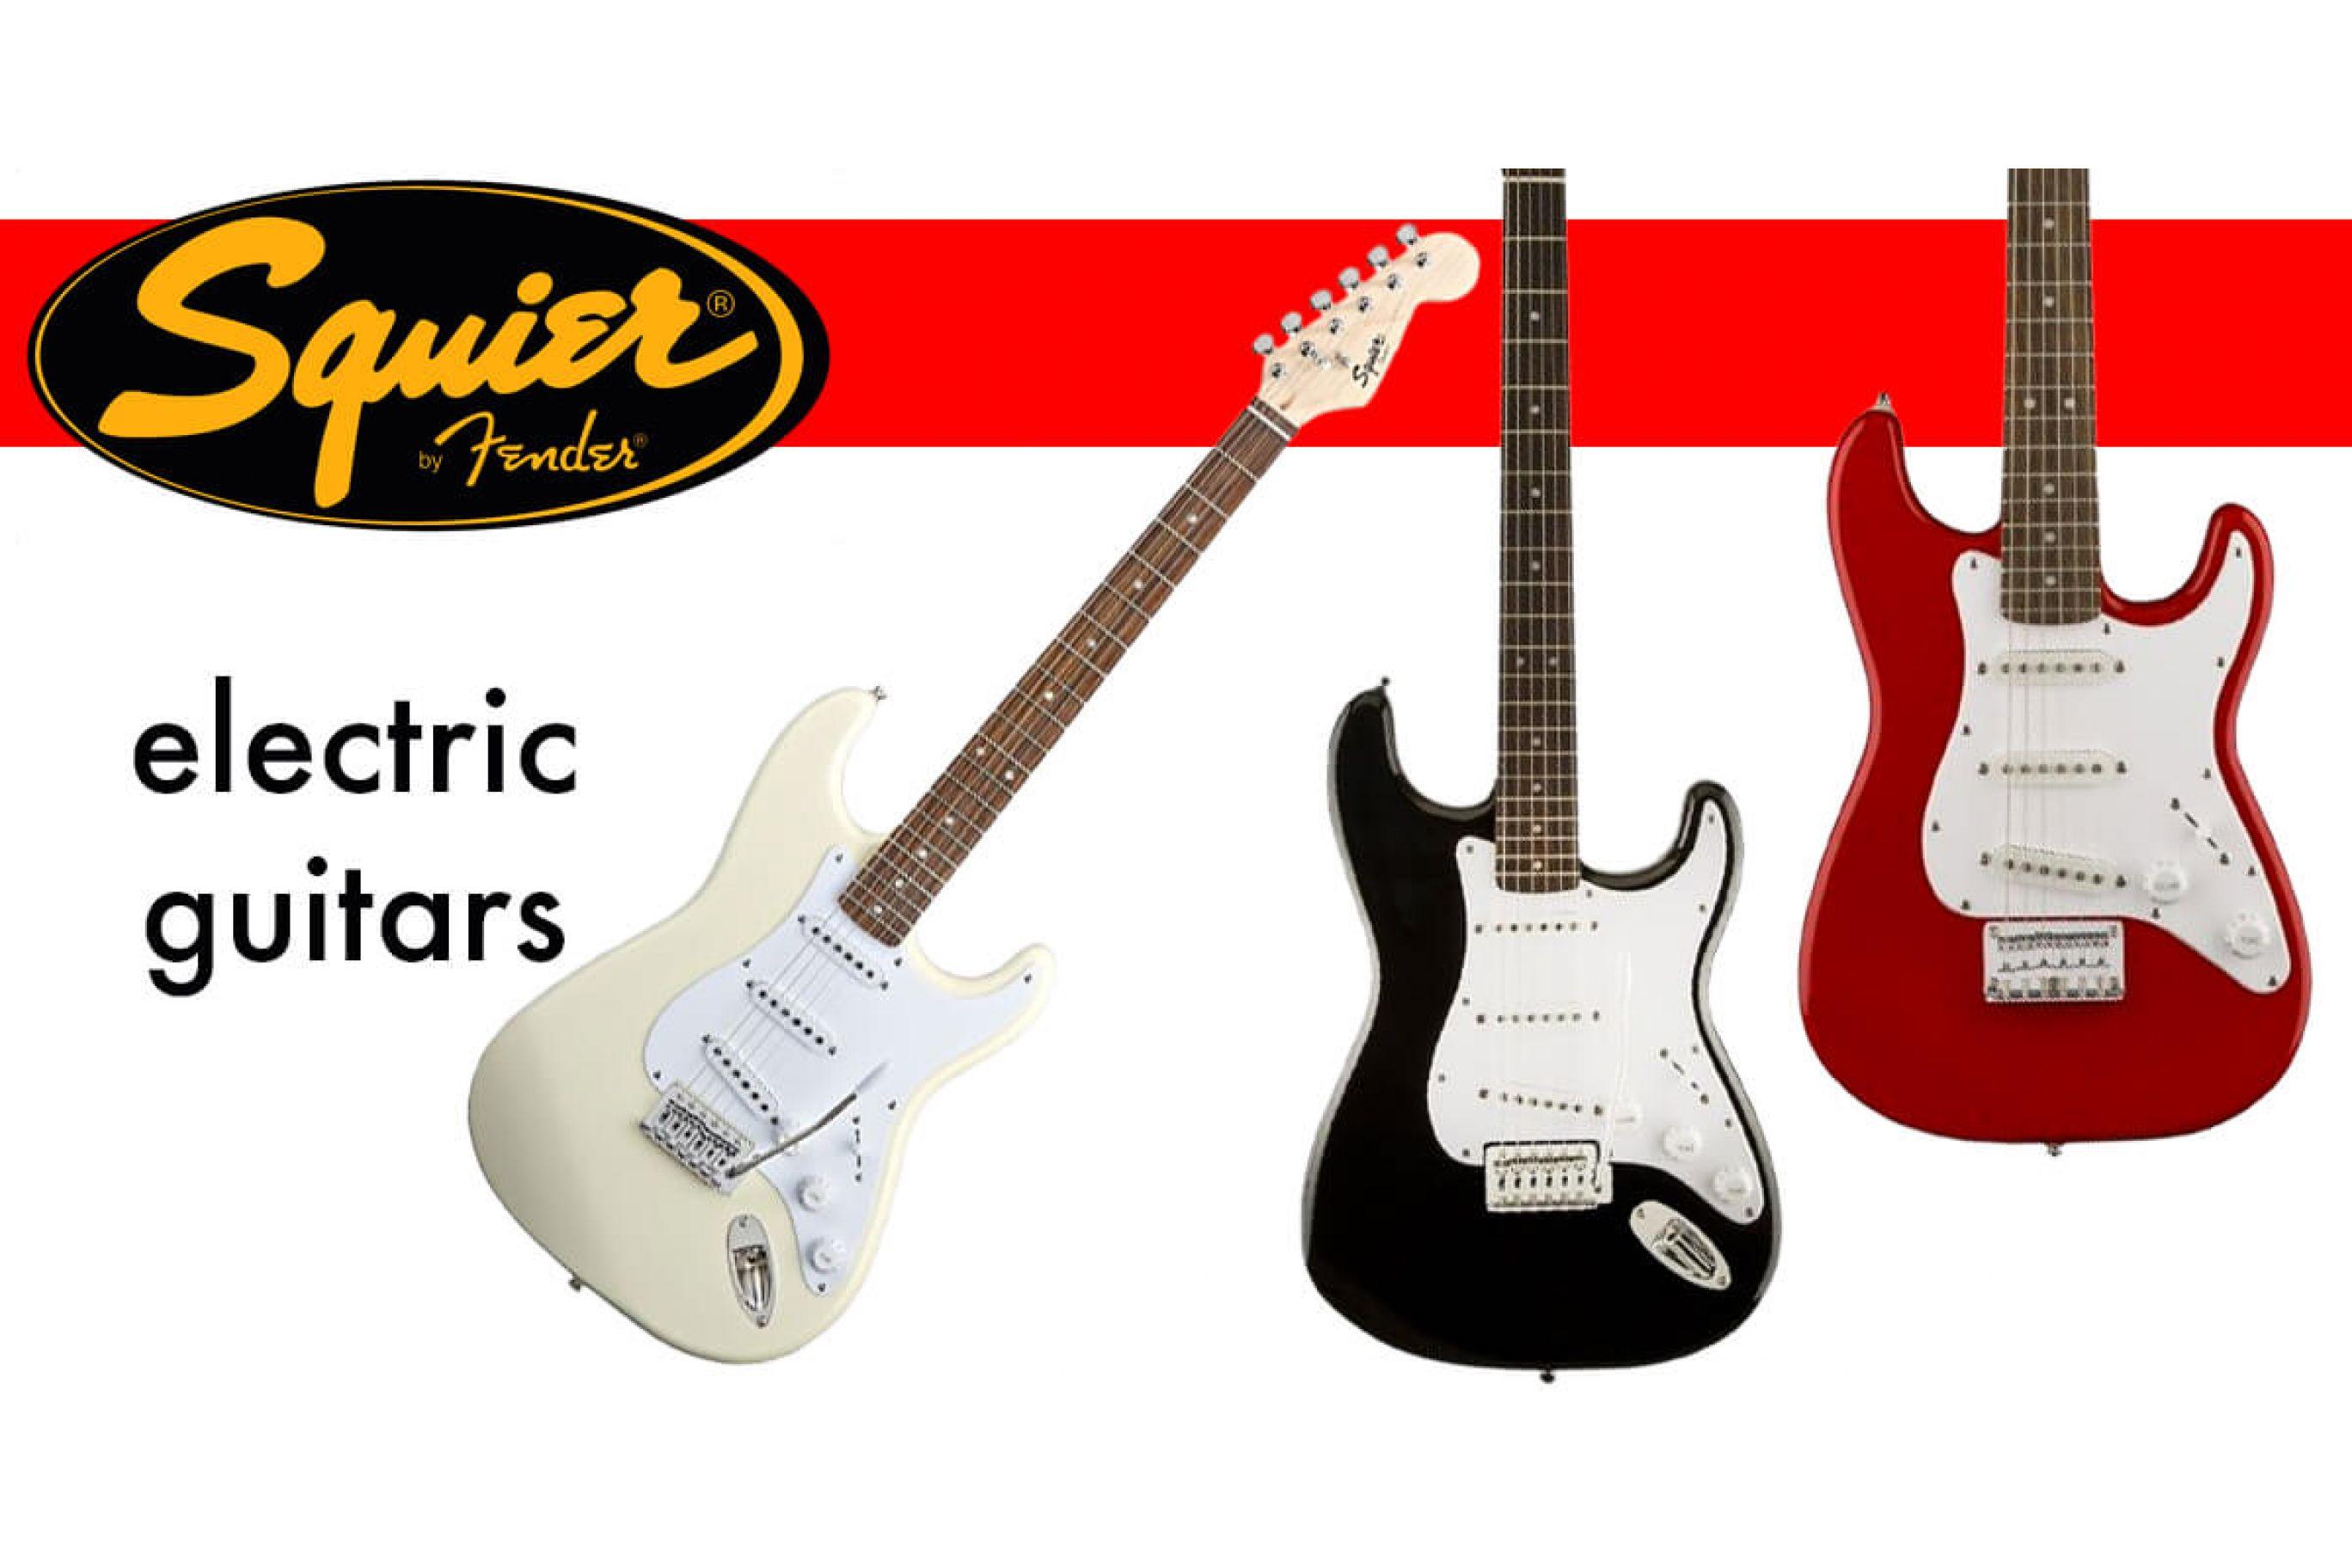 Chitarre Fender Squier Stratocaster